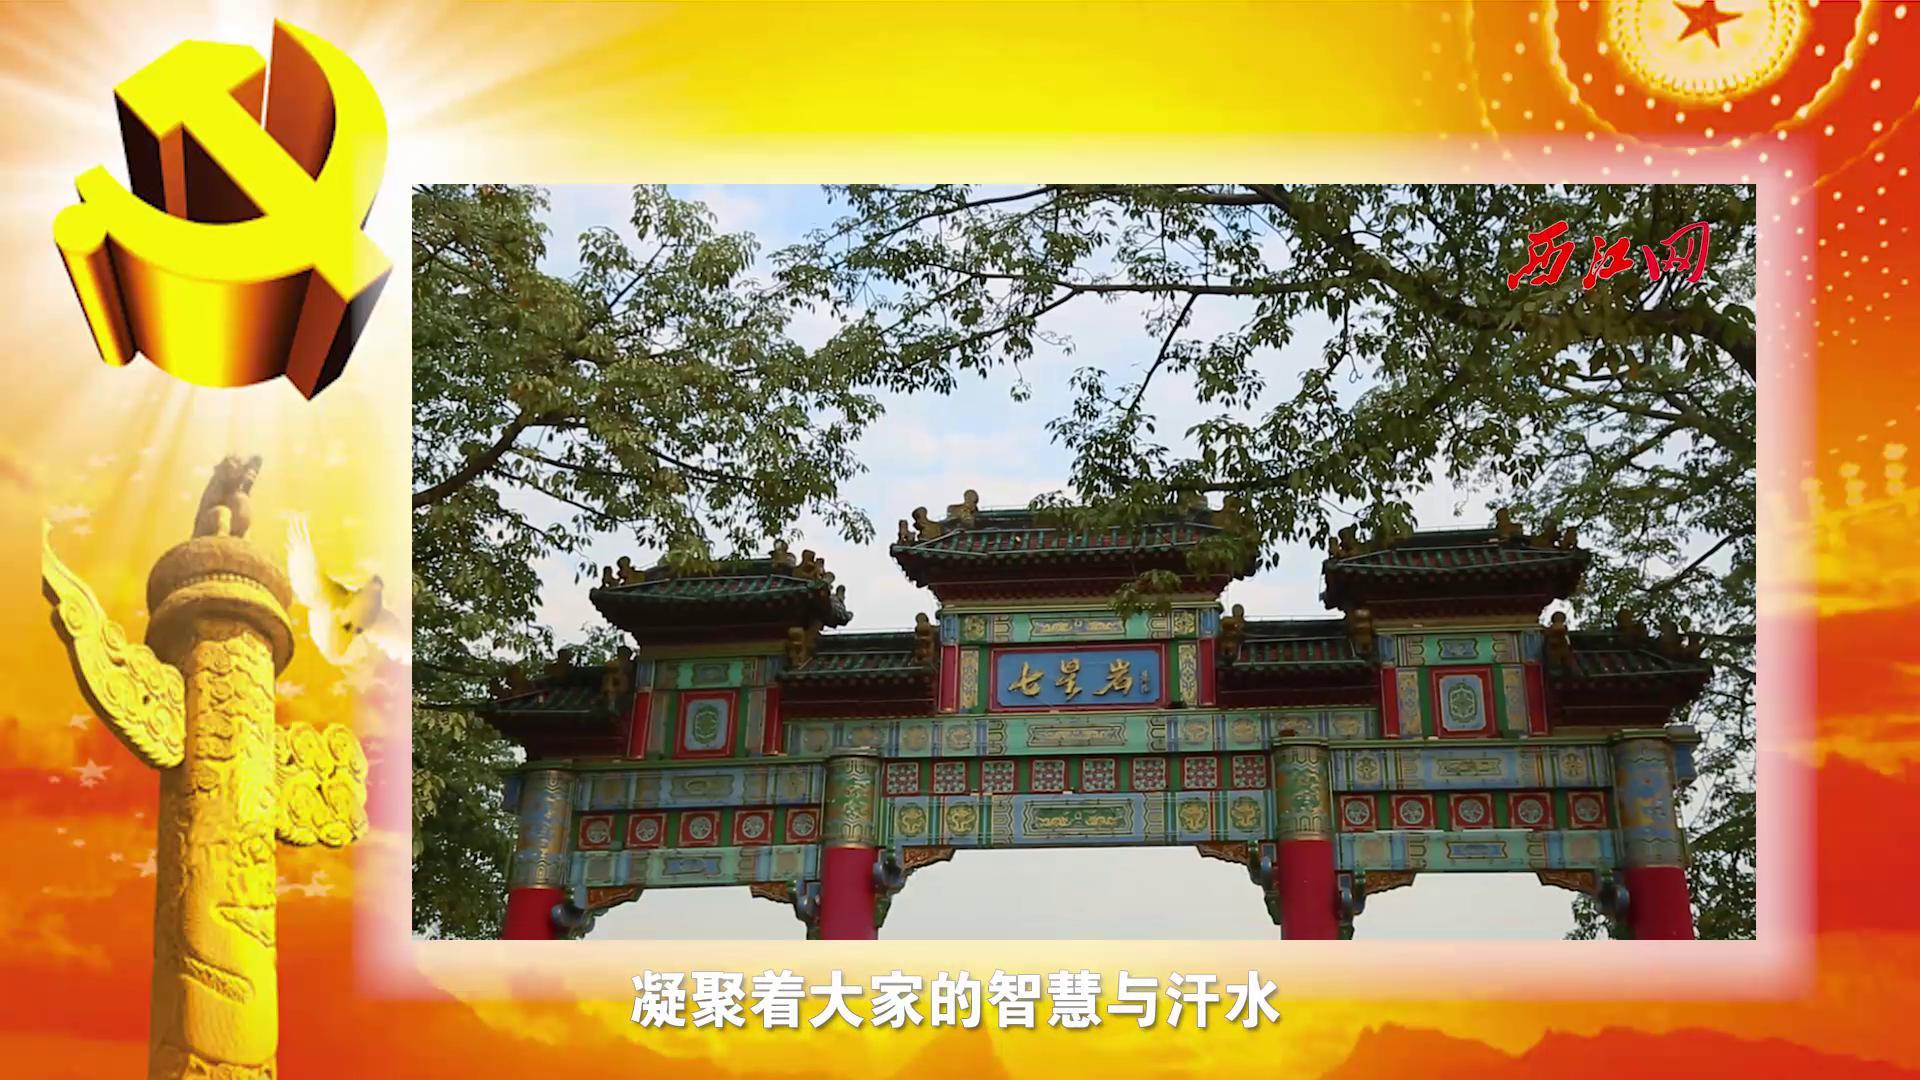 今天我为中国共产党党员打个广告!